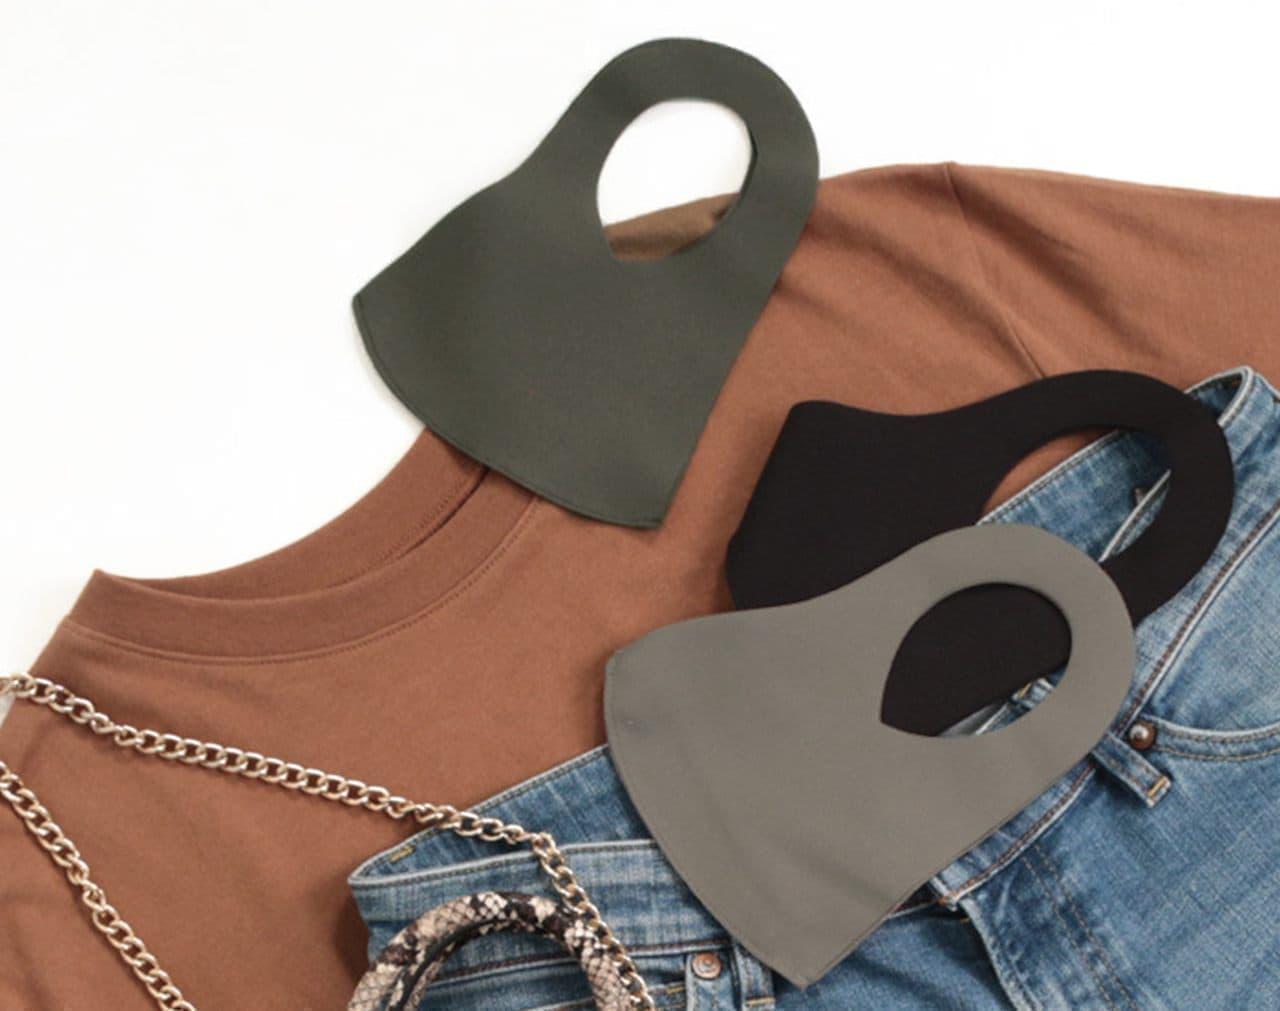 """新品パンツで製造した""""訳アリ""""マスク「Cool Mask」再入荷 ― 余剰品の活用で1枚480円を実現"""